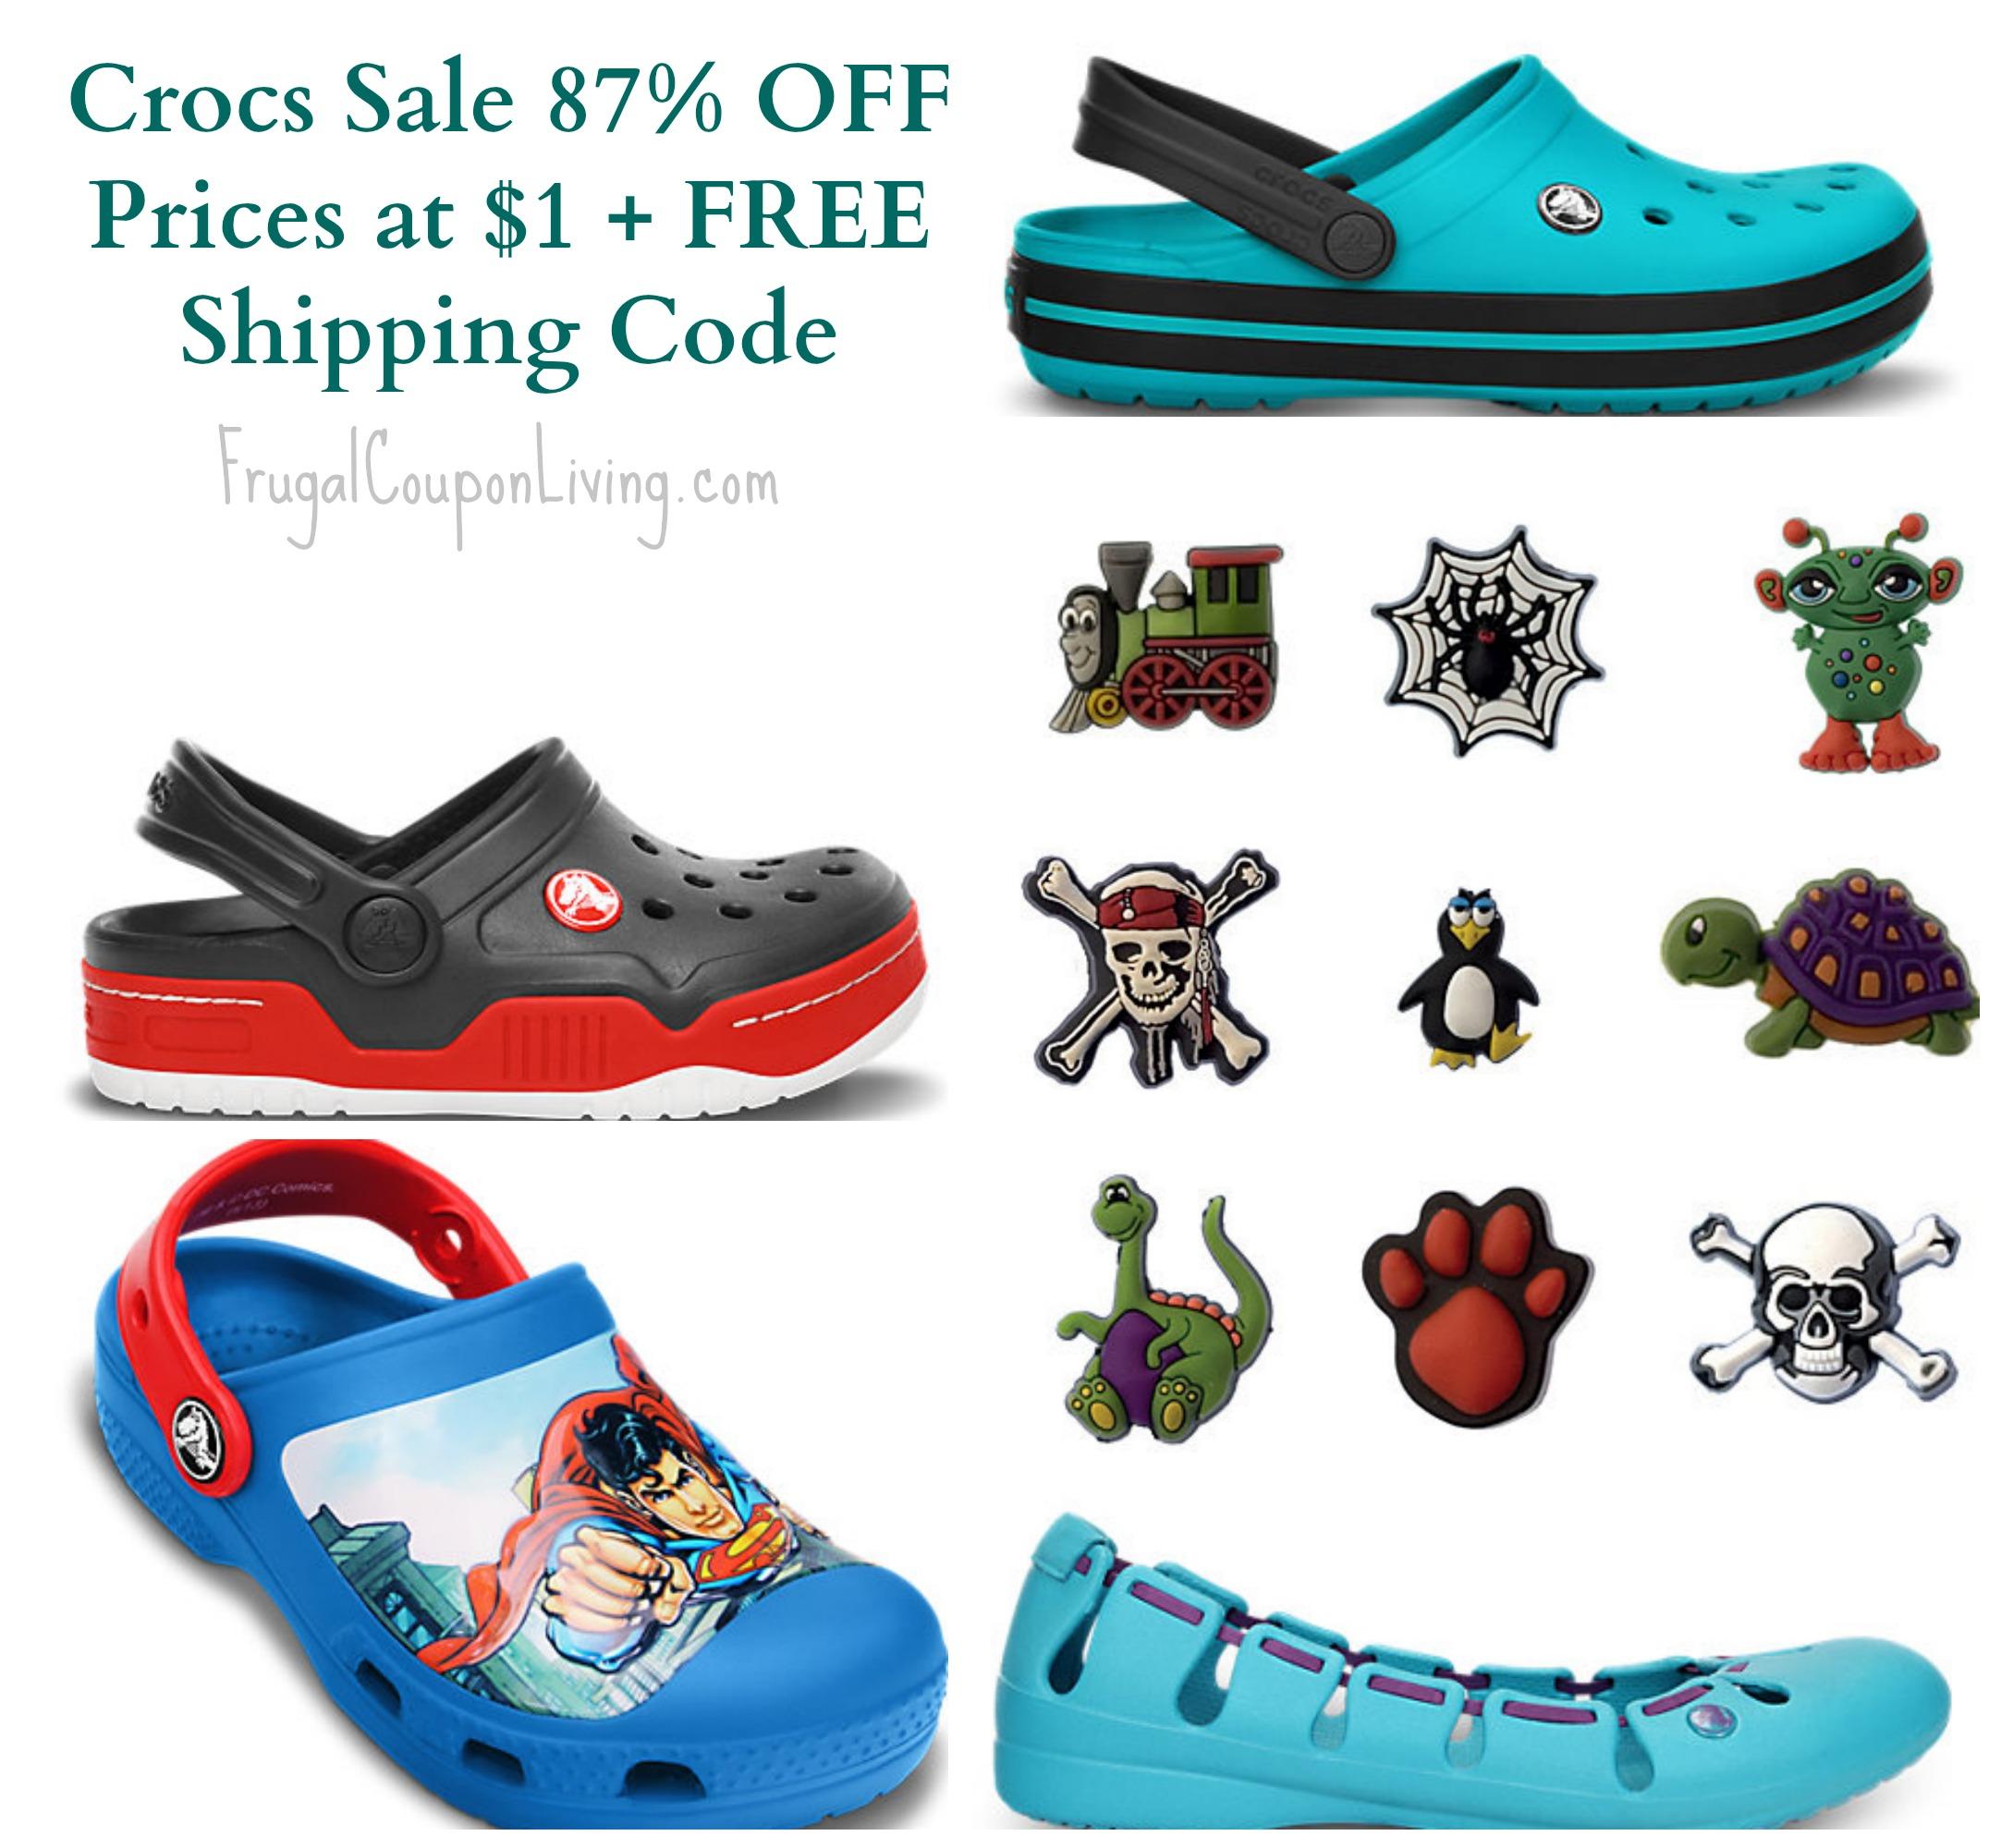 Crocs printable coupons 2018